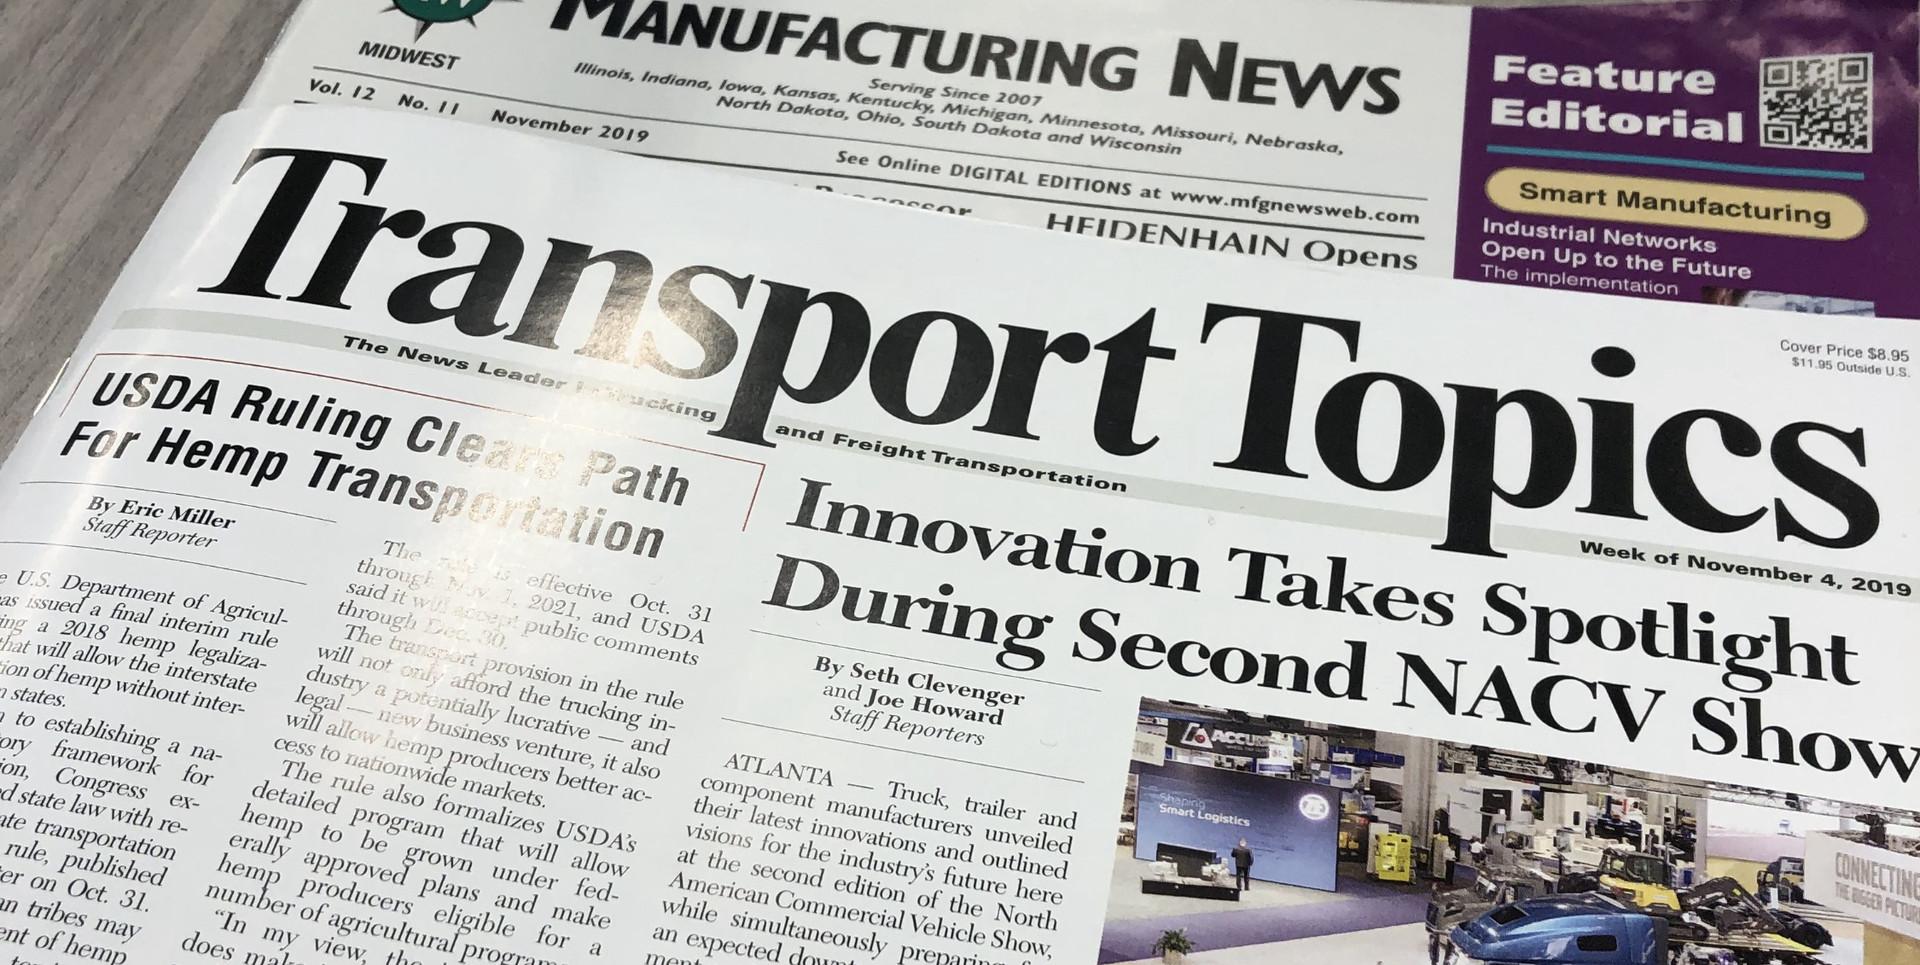 Media Coverage - Tansport Topics - Commercial Trucks